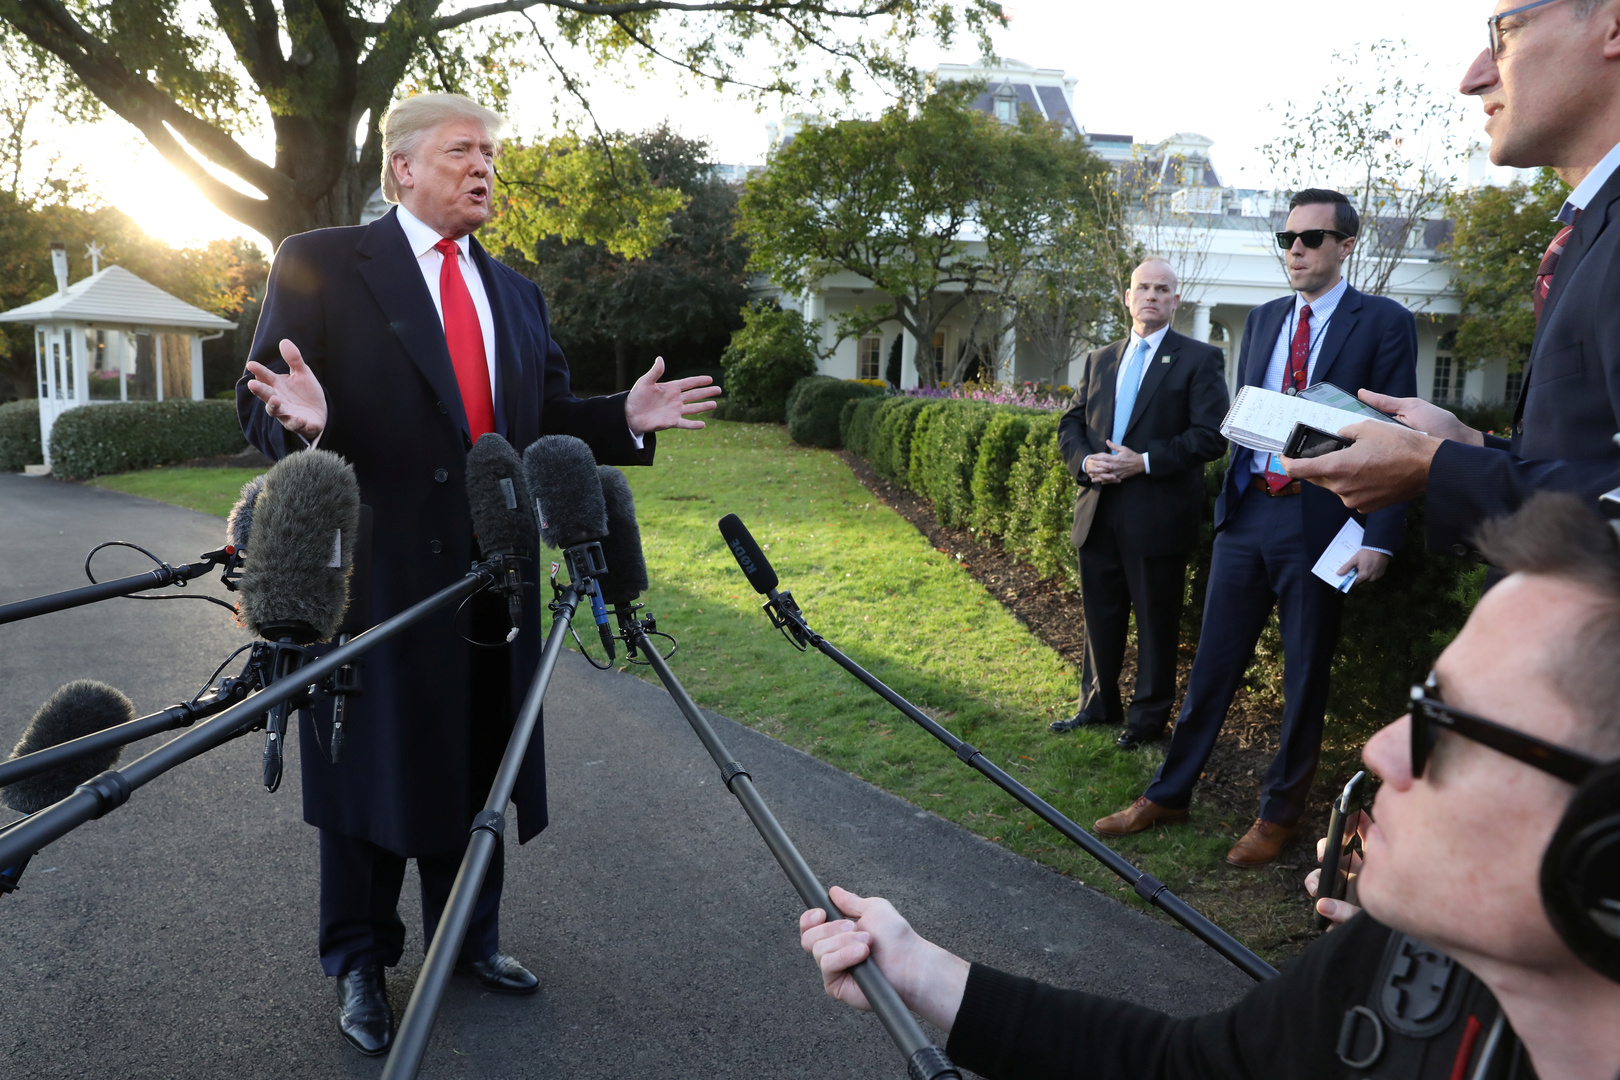 ترامب: ندرس إبرام اتفاق كبير مع روسيا والصين حول السيطرة على الأسلحة